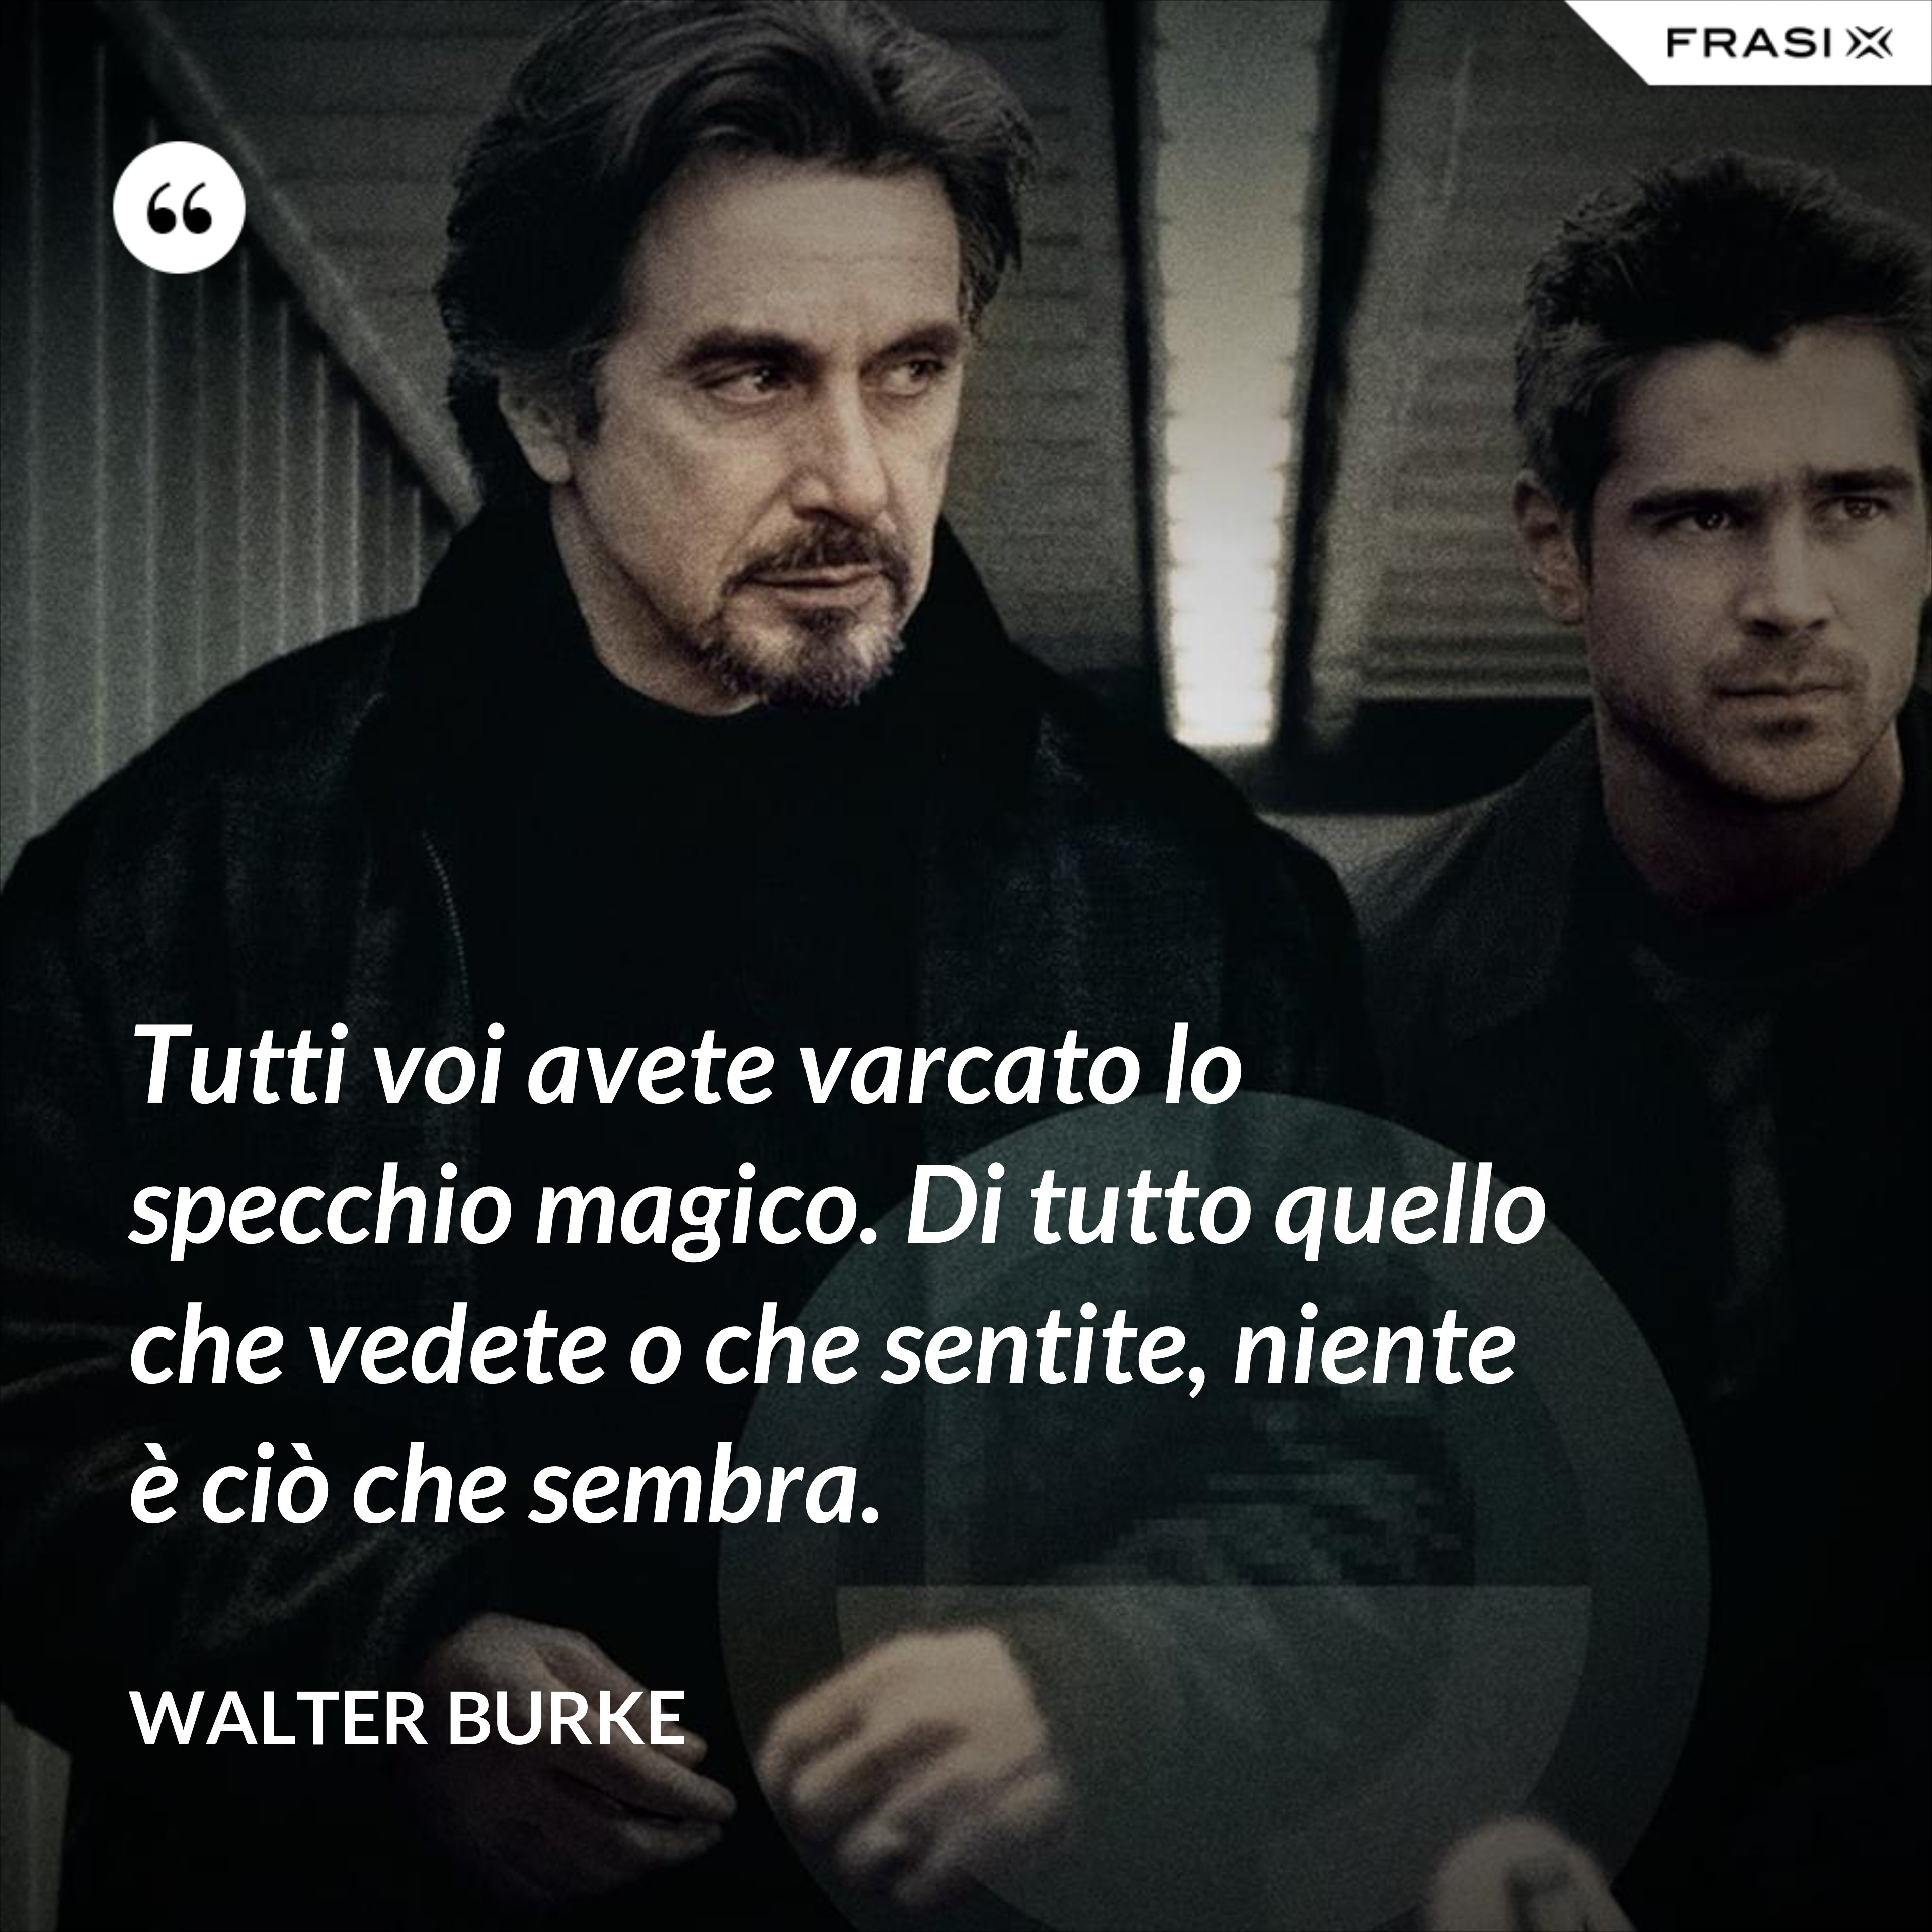 Tutti voi avete varcato lo specchio magico. Di tutto quello che vedete o che sentite, niente è ciò che sembra. - Walter Burke